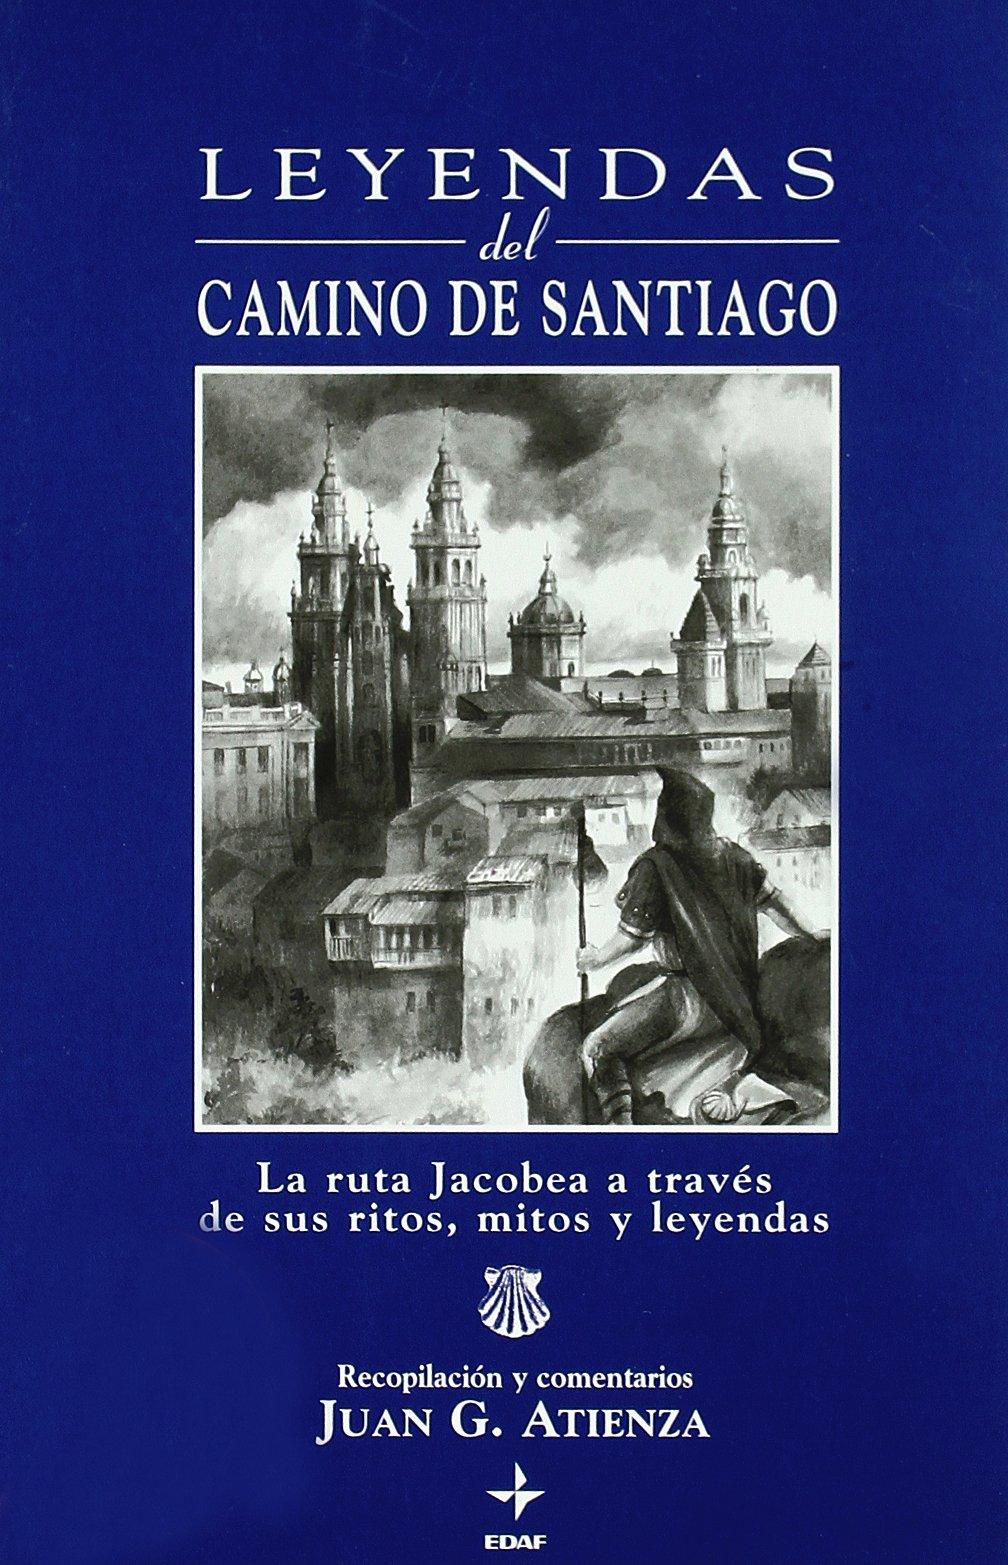 Leyendas Del Camino De Santiago (Magico Y Heterodoxo): Amazon.es: Juan García Atienza: Libros